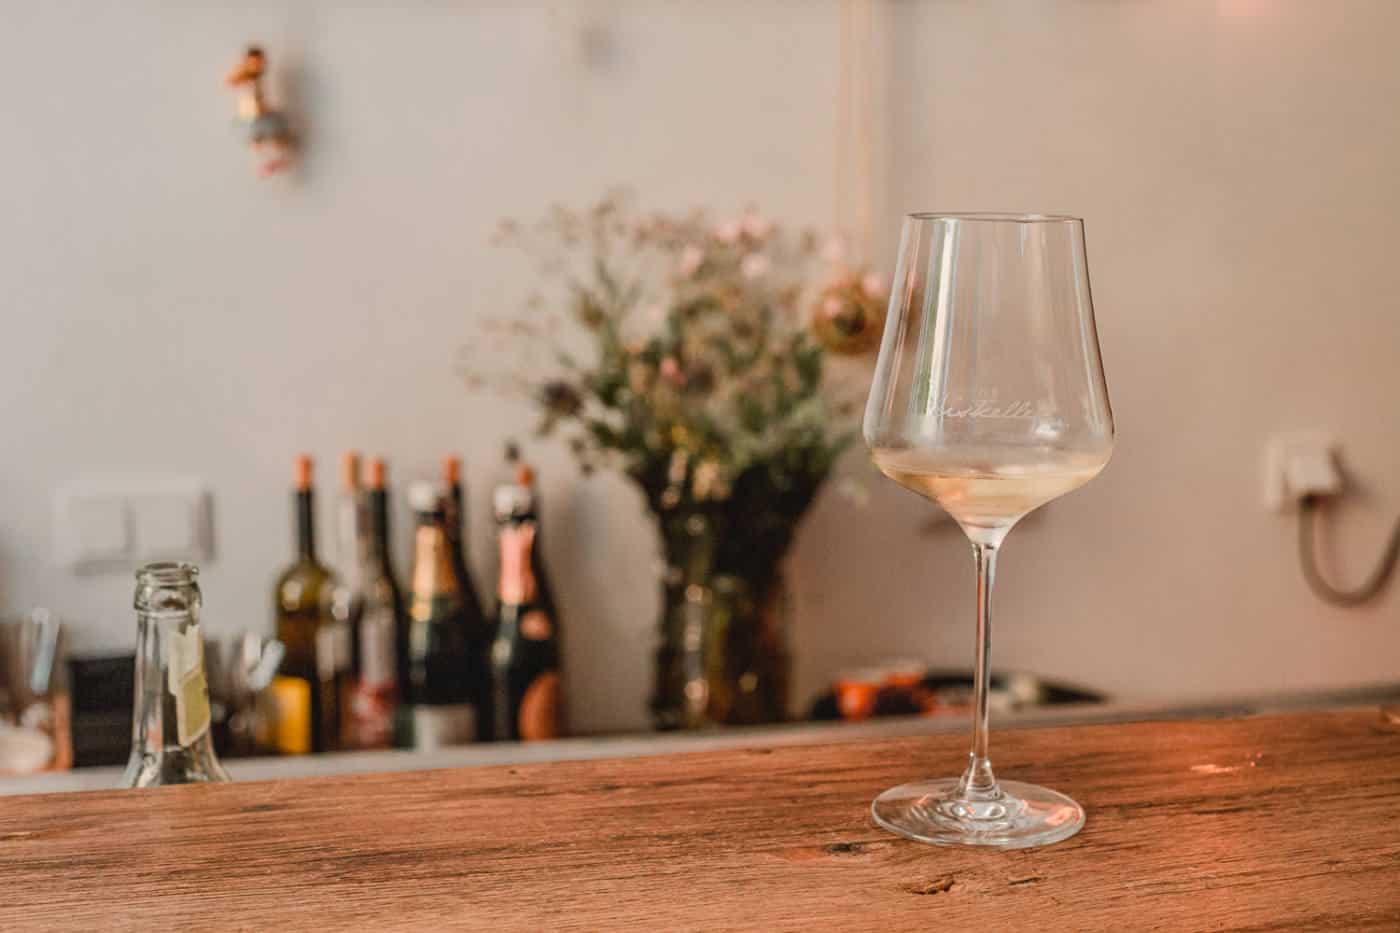 dusseldorf wine tasting at eiskeller weinbar wine bar